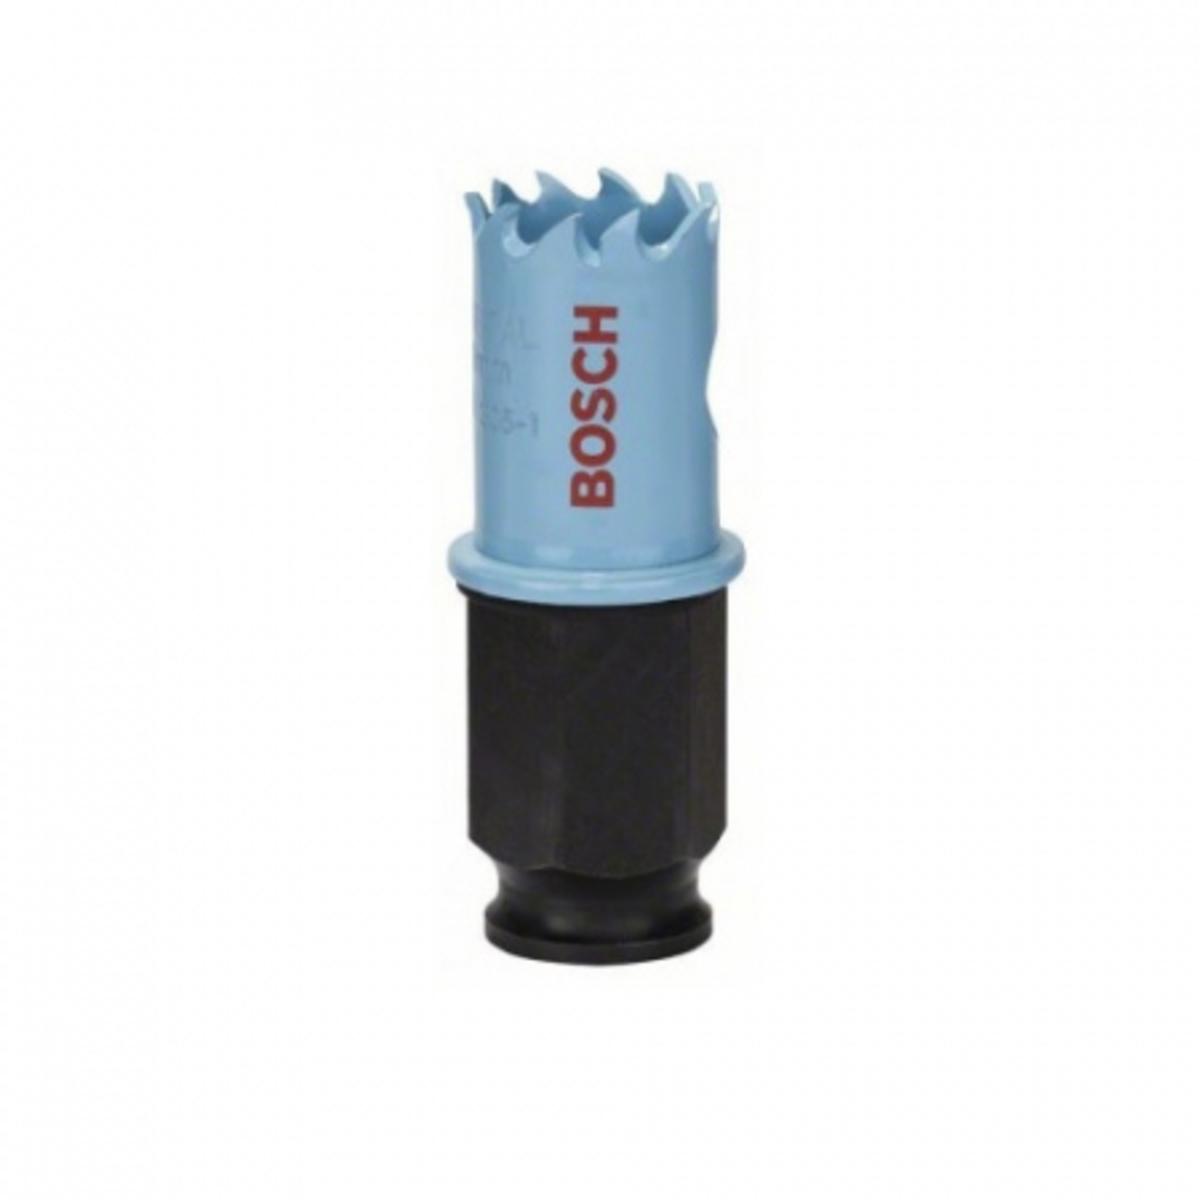 SERRA COPO SHEET METAL 22mm BOSCH